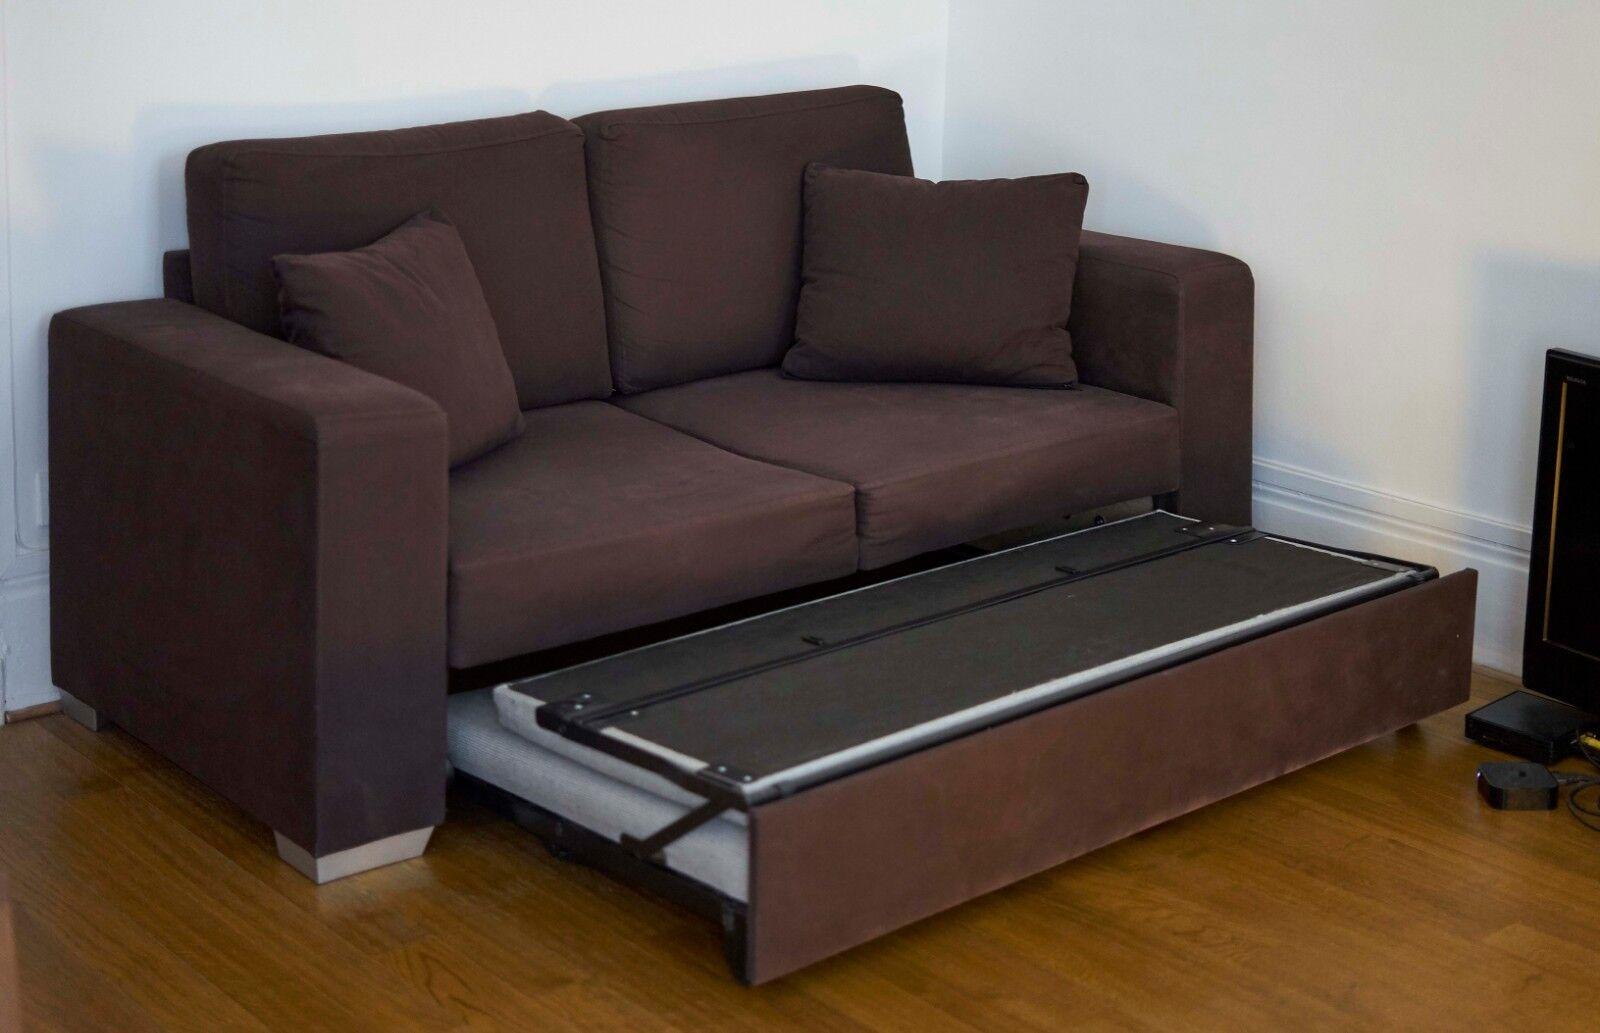 Canapé lit convertible en tissu marron fly